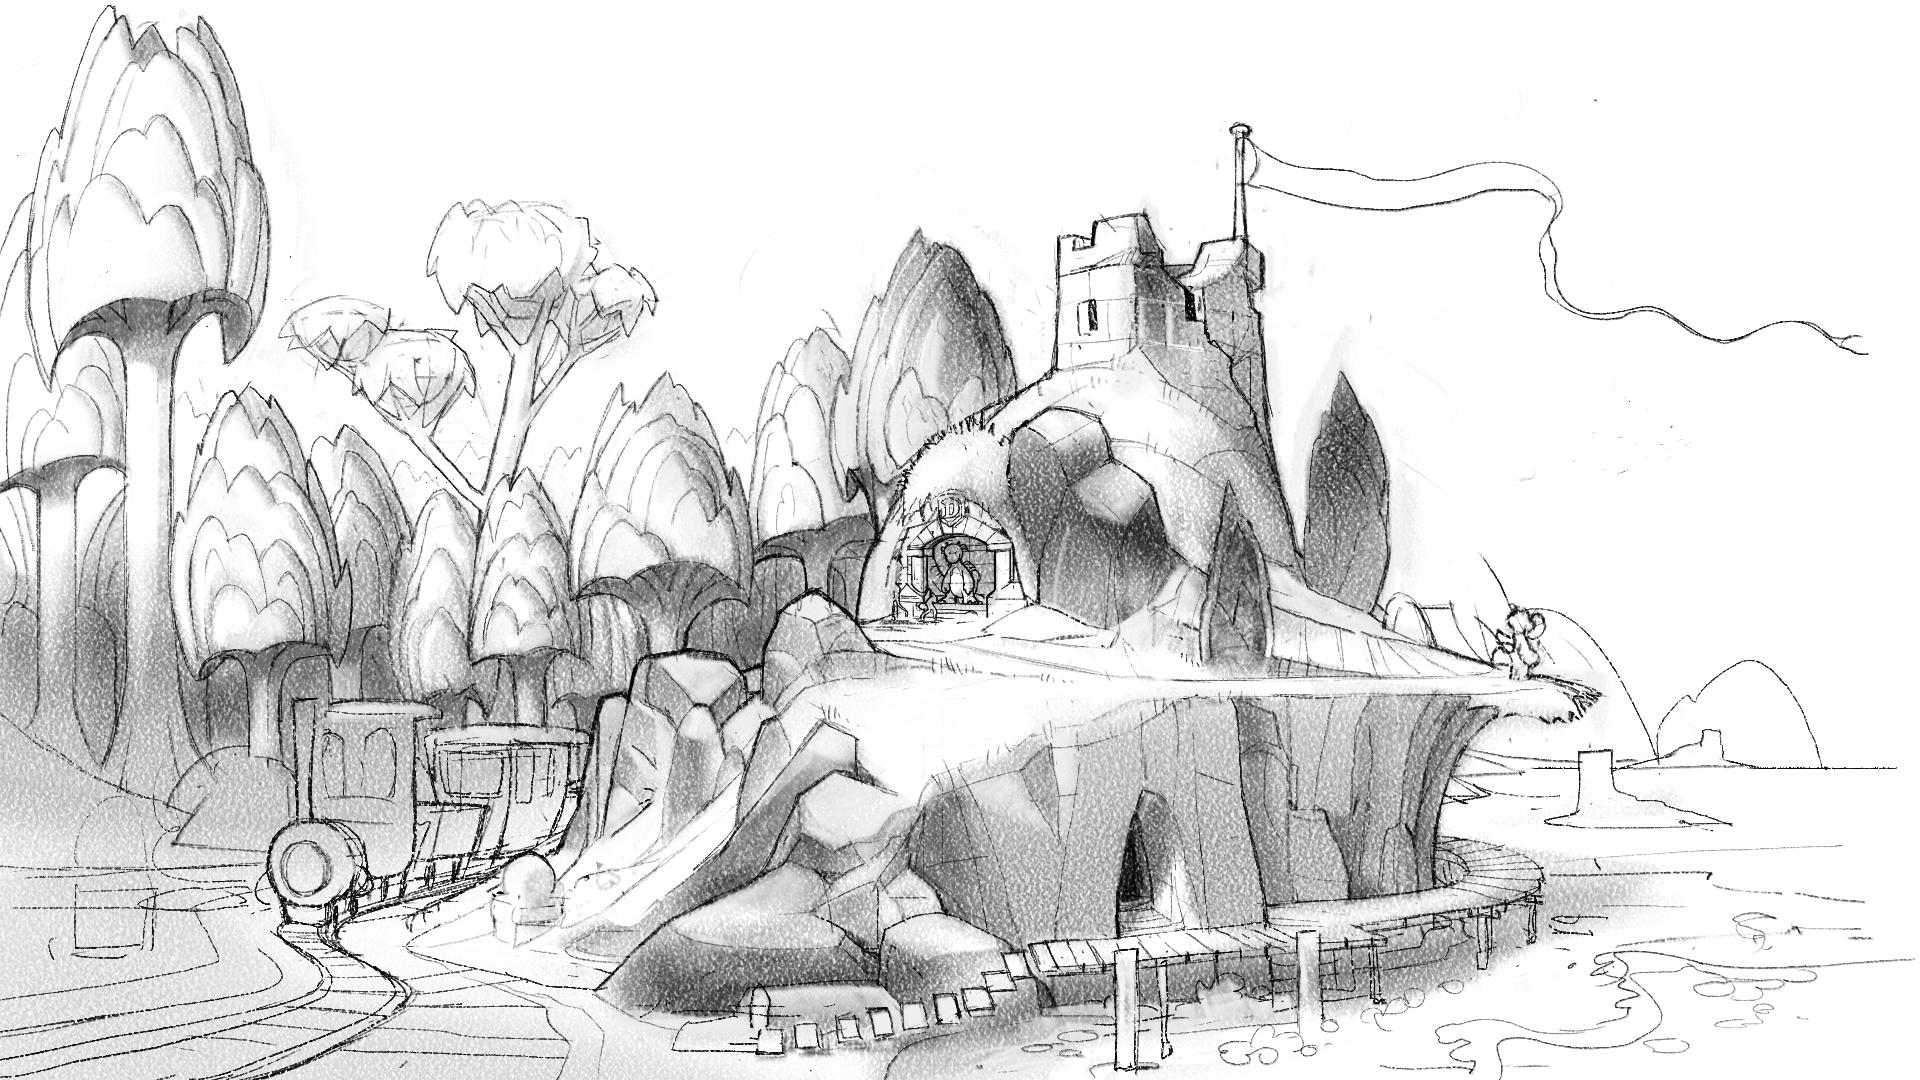 Digby's_castle_outside_02.jpg